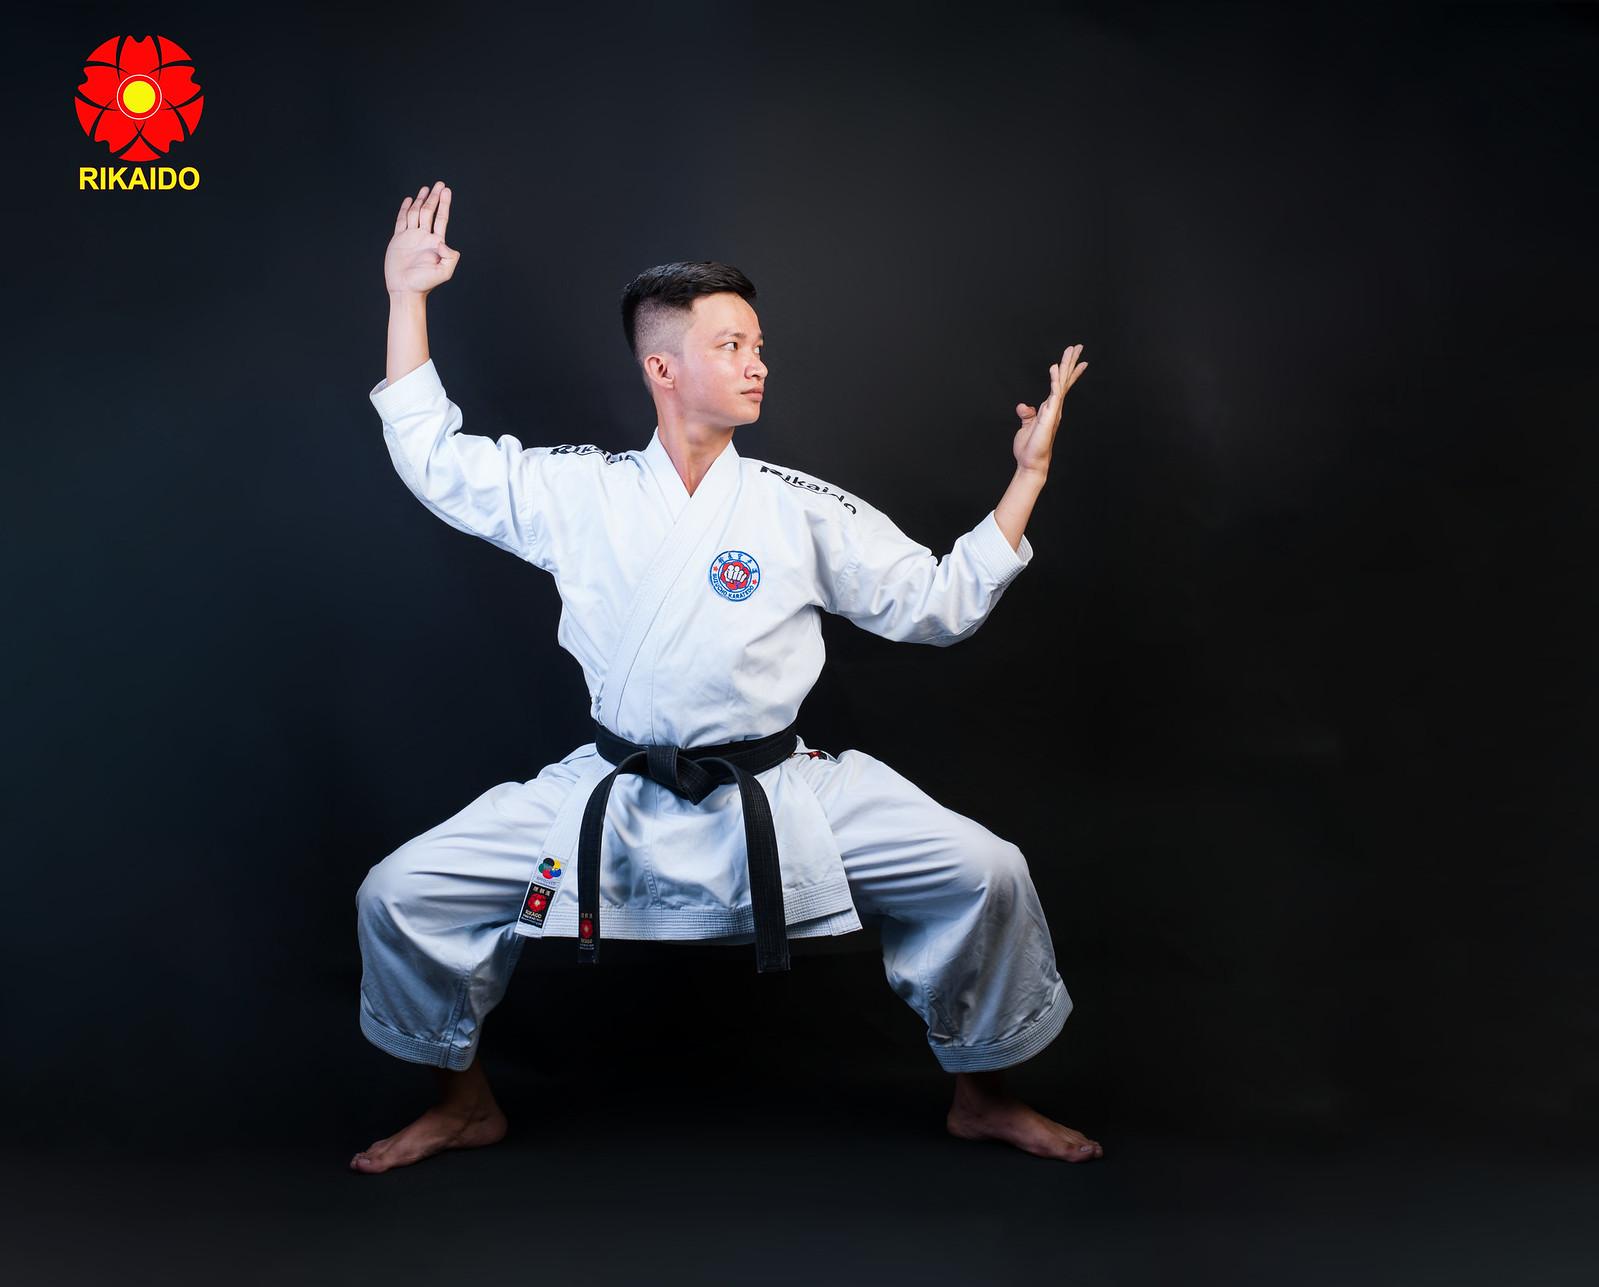 29041061967 1ba86ded6c h - Ảnh nghệ thuật karate chụp trong studio